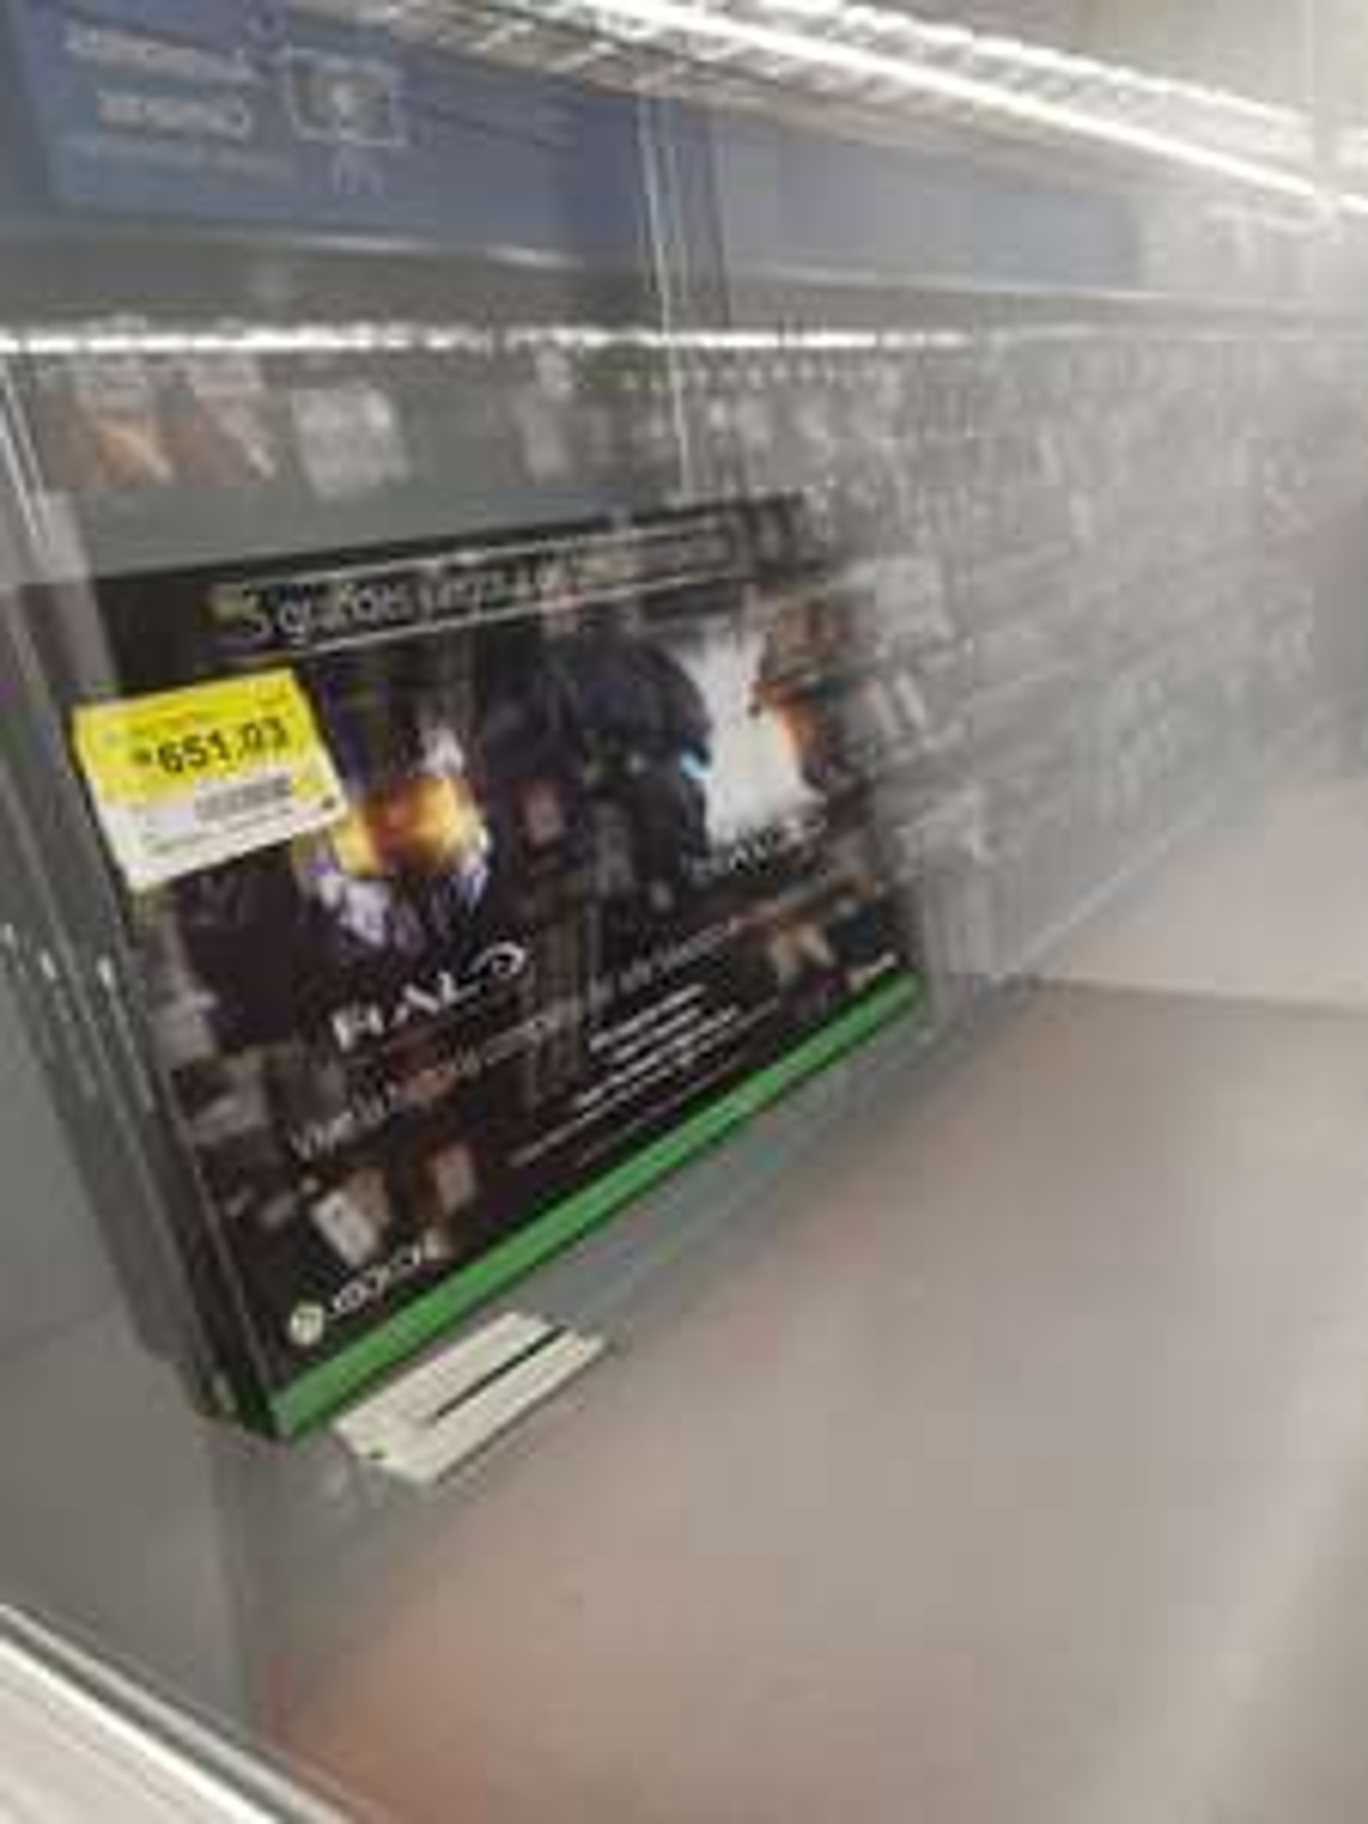 Walmart Acapulco Diamante : paquete 5 grandes juegos de Halo a $651 xbox one